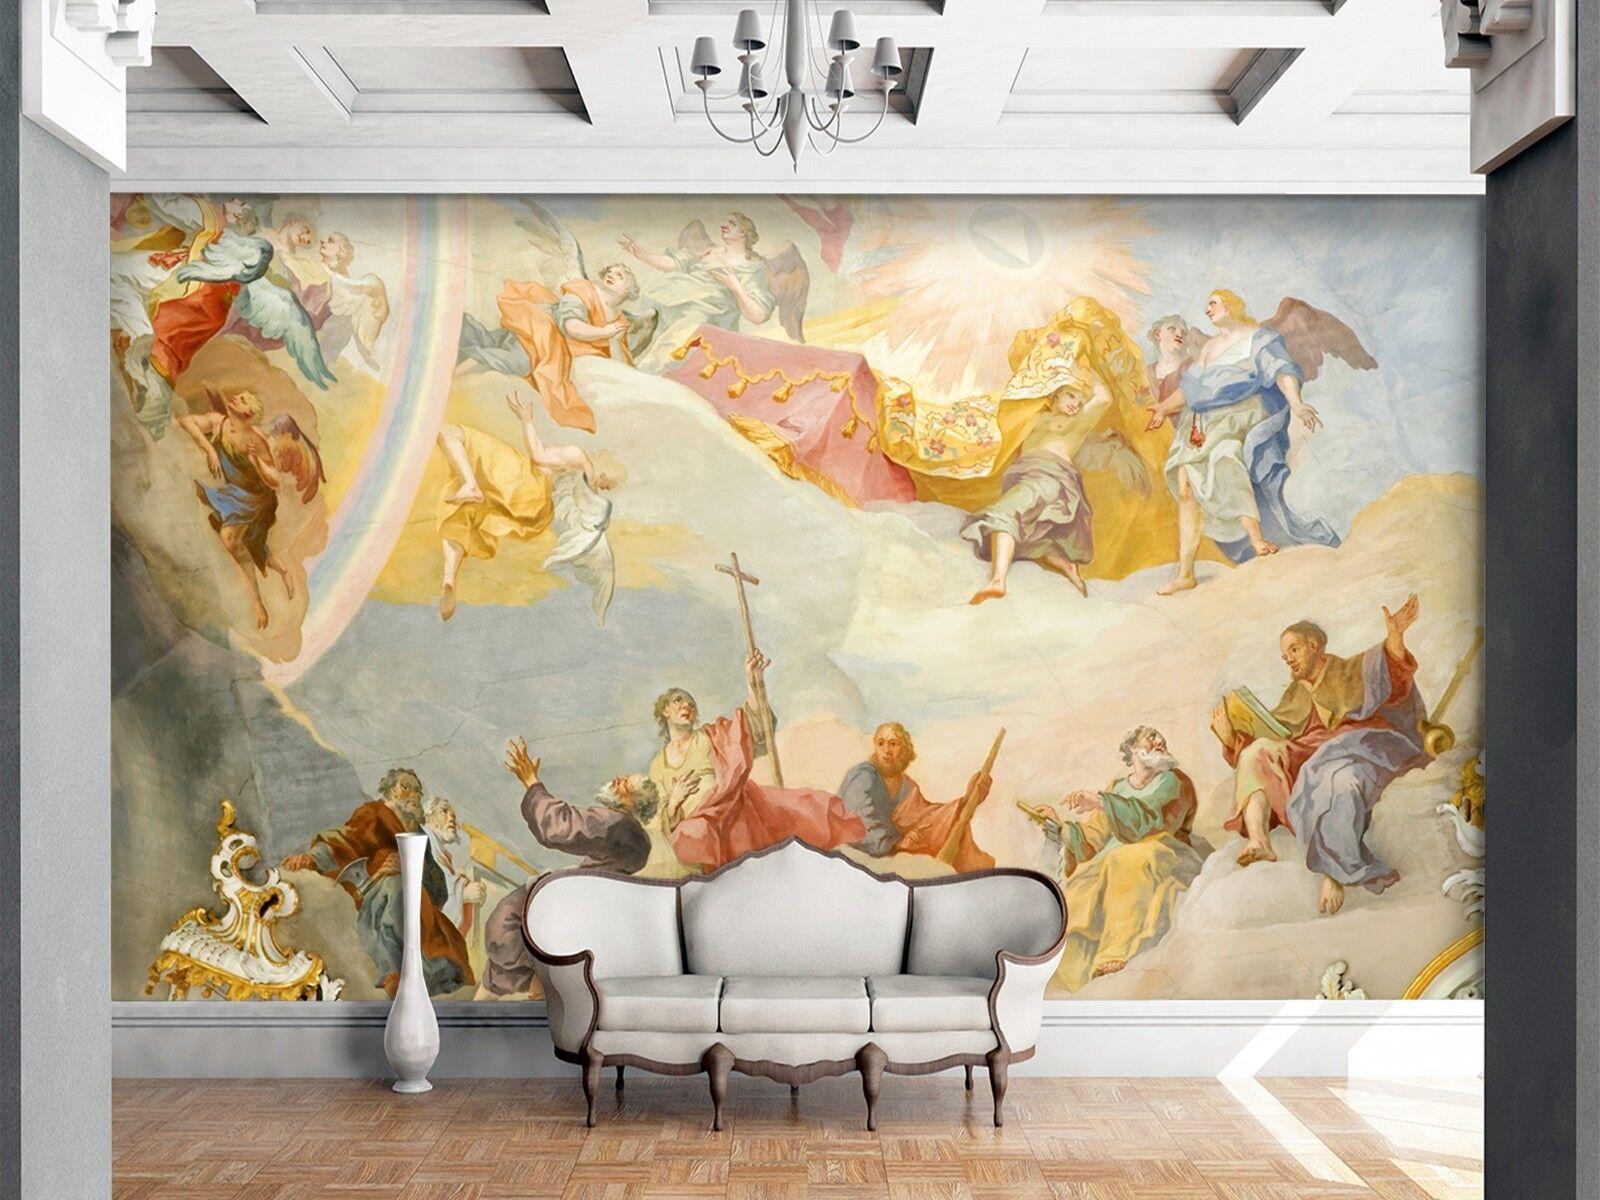 3D Europa Kirche Malerei 78 Tapete Wandgemälde Tapete Tapeten Familie Kinde DE